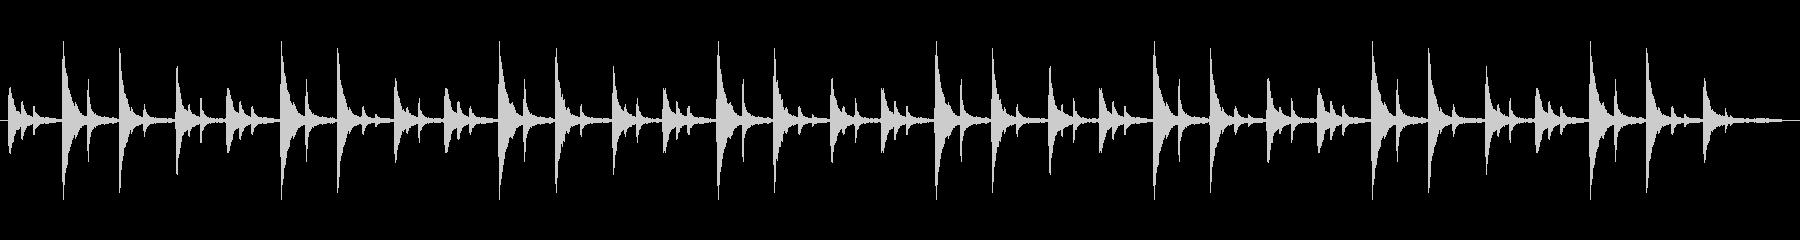 回想シーンに使えそうなピアノのBGMの未再生の波形